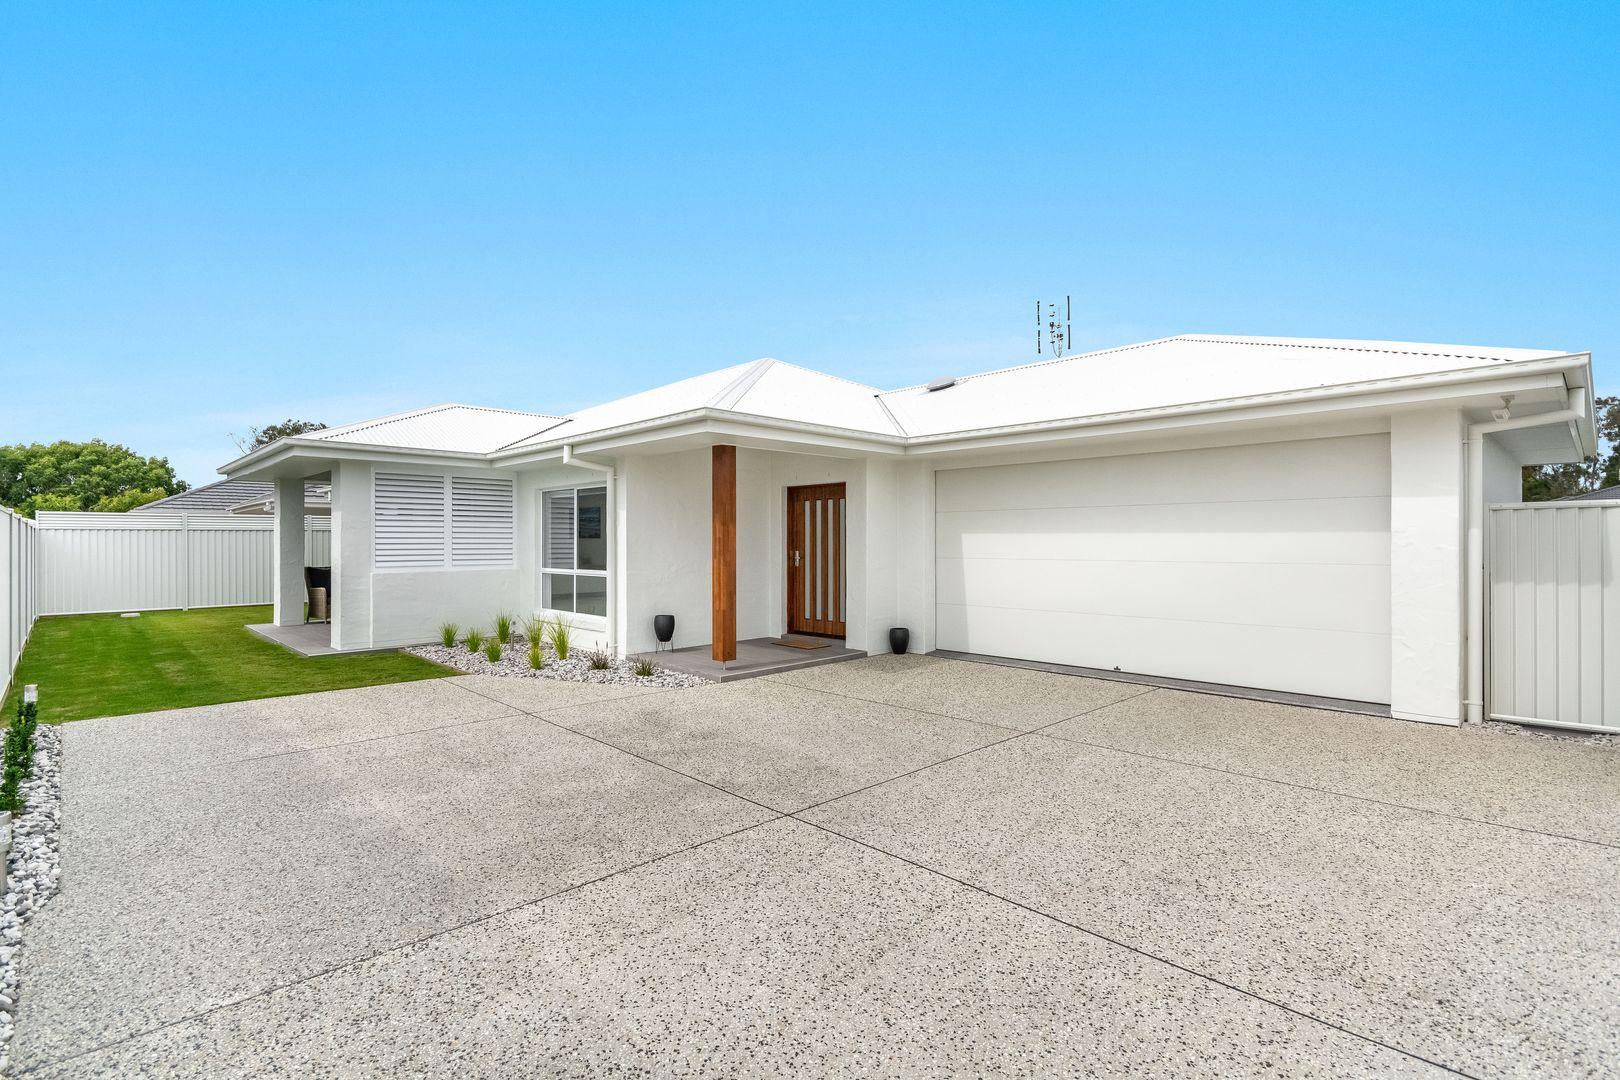 9A Ffloyd Court, Yamba NSW 2464, Image 0